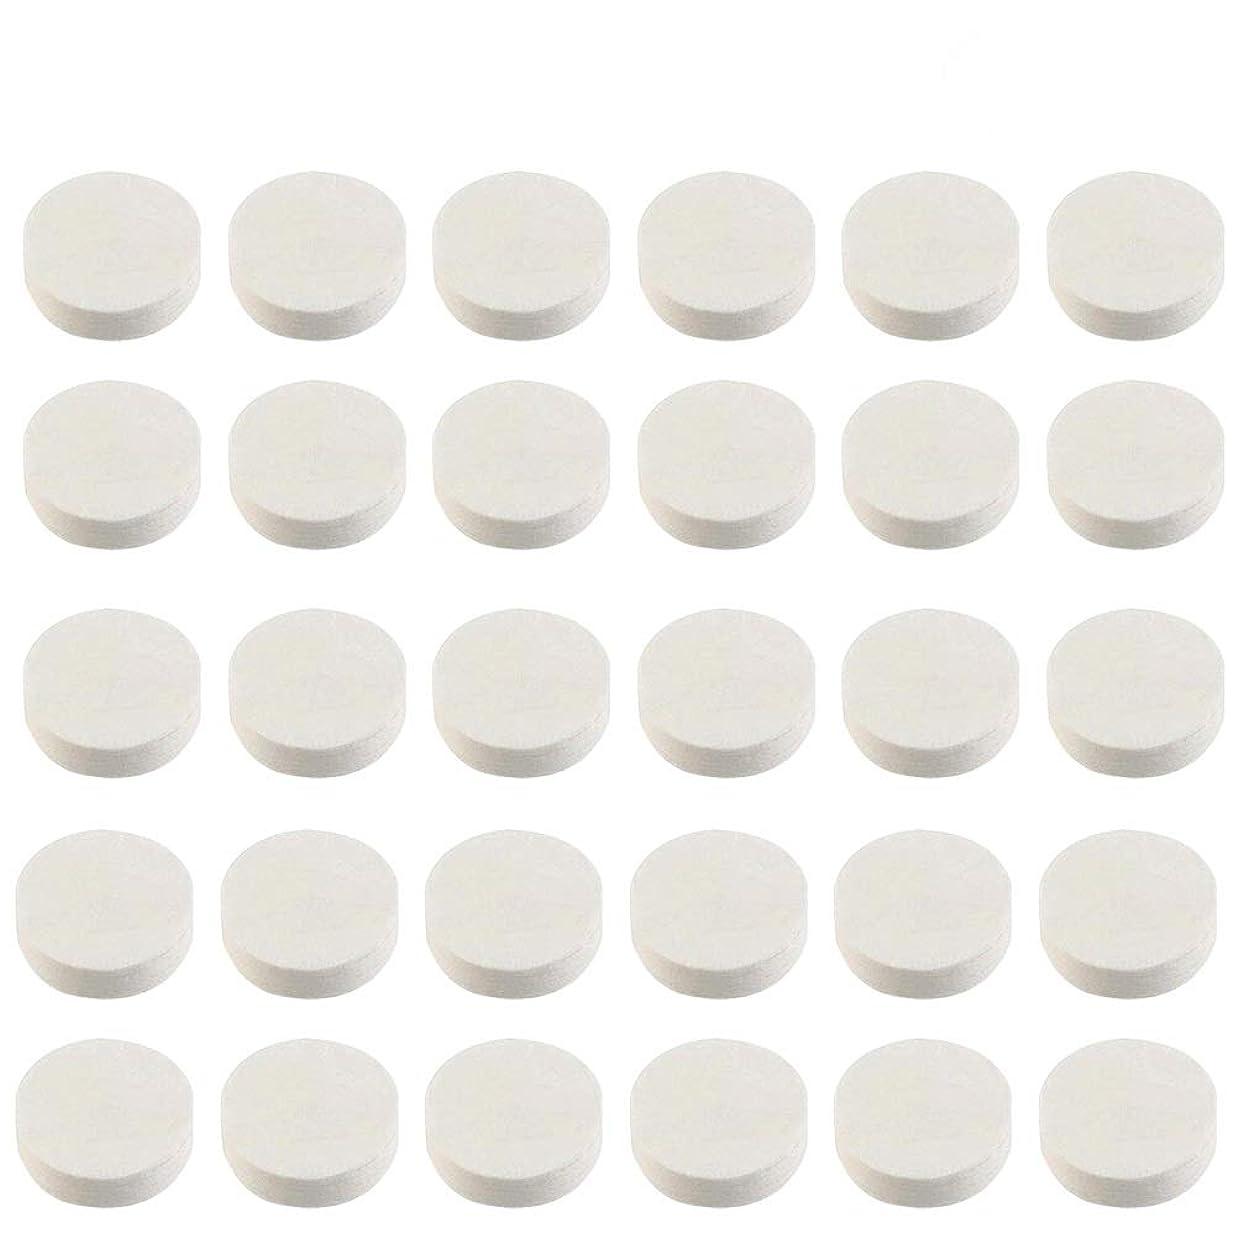 ホールドオール半島二WINOMO 圧縮マスク 圧縮フェイスパック 圧縮マスクシート スキンケア DIY美容マスク ランダムカラー 30枚入り 携帯便利 使い捨て